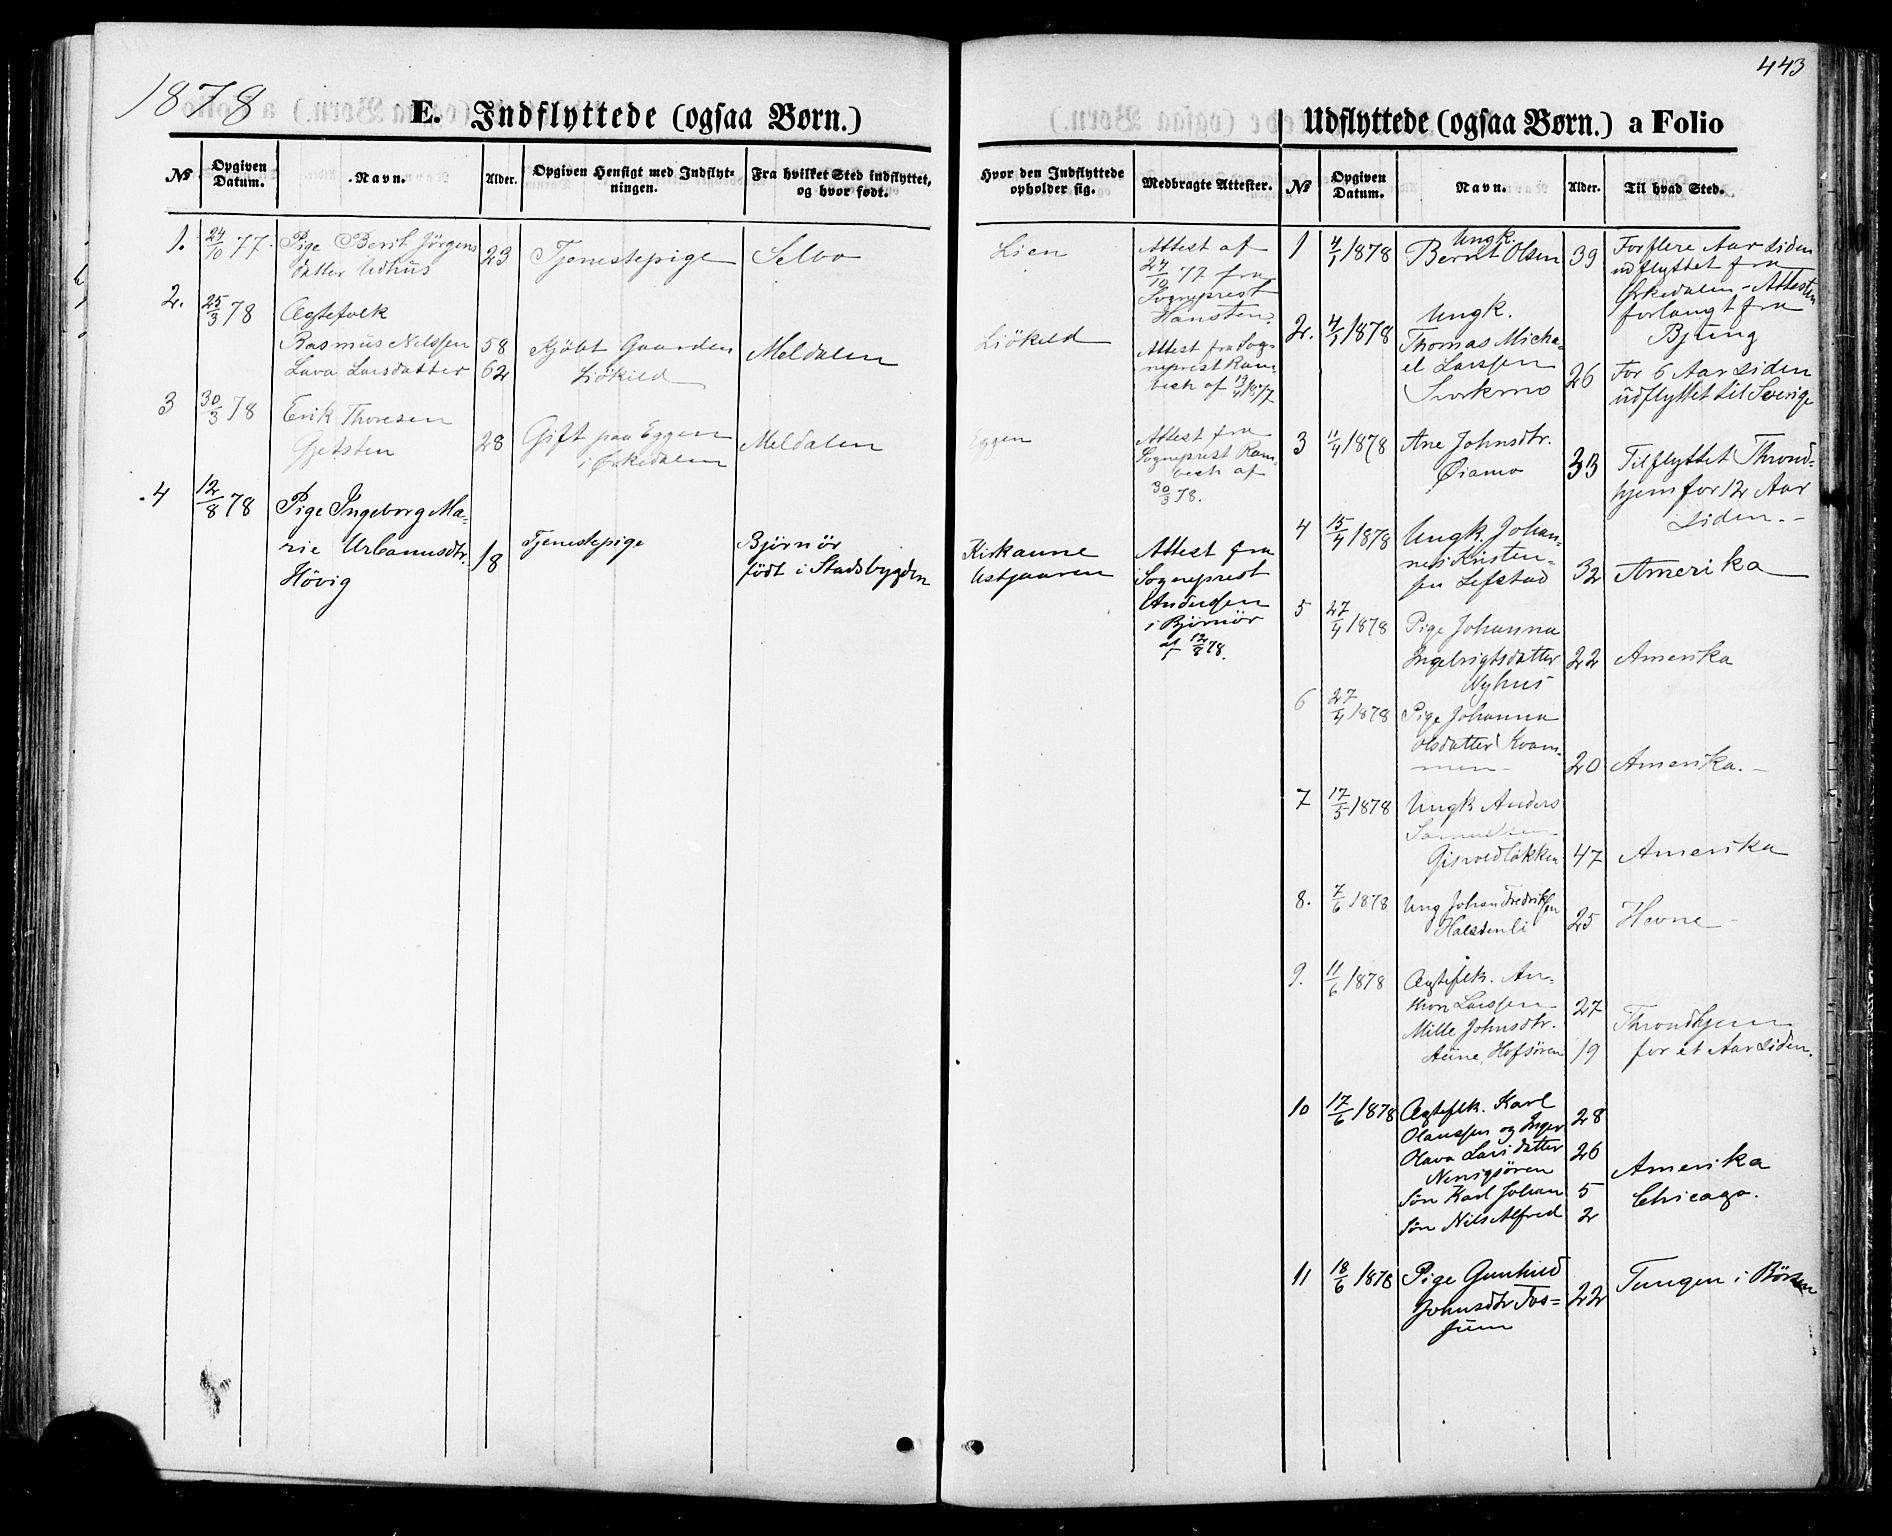 SAT, Ministerialprotokoller, klokkerbøker og fødselsregistre - Sør-Trøndelag, 668/L0807: Ministerialbok nr. 668A07, 1870-1880, s. 443